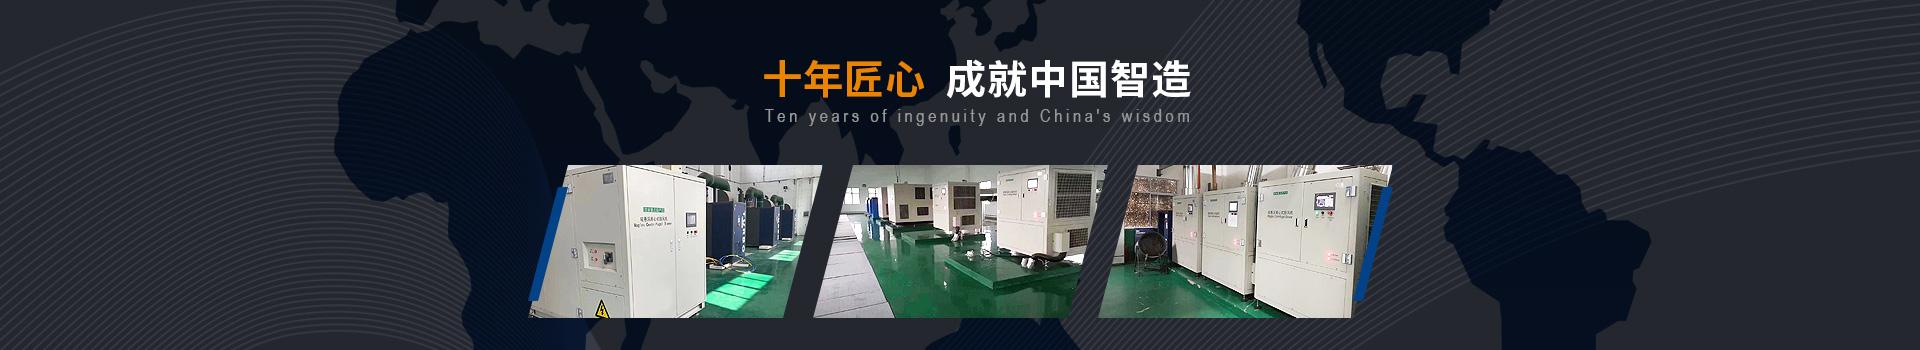 弗洛德十年匠心、成就中国智造